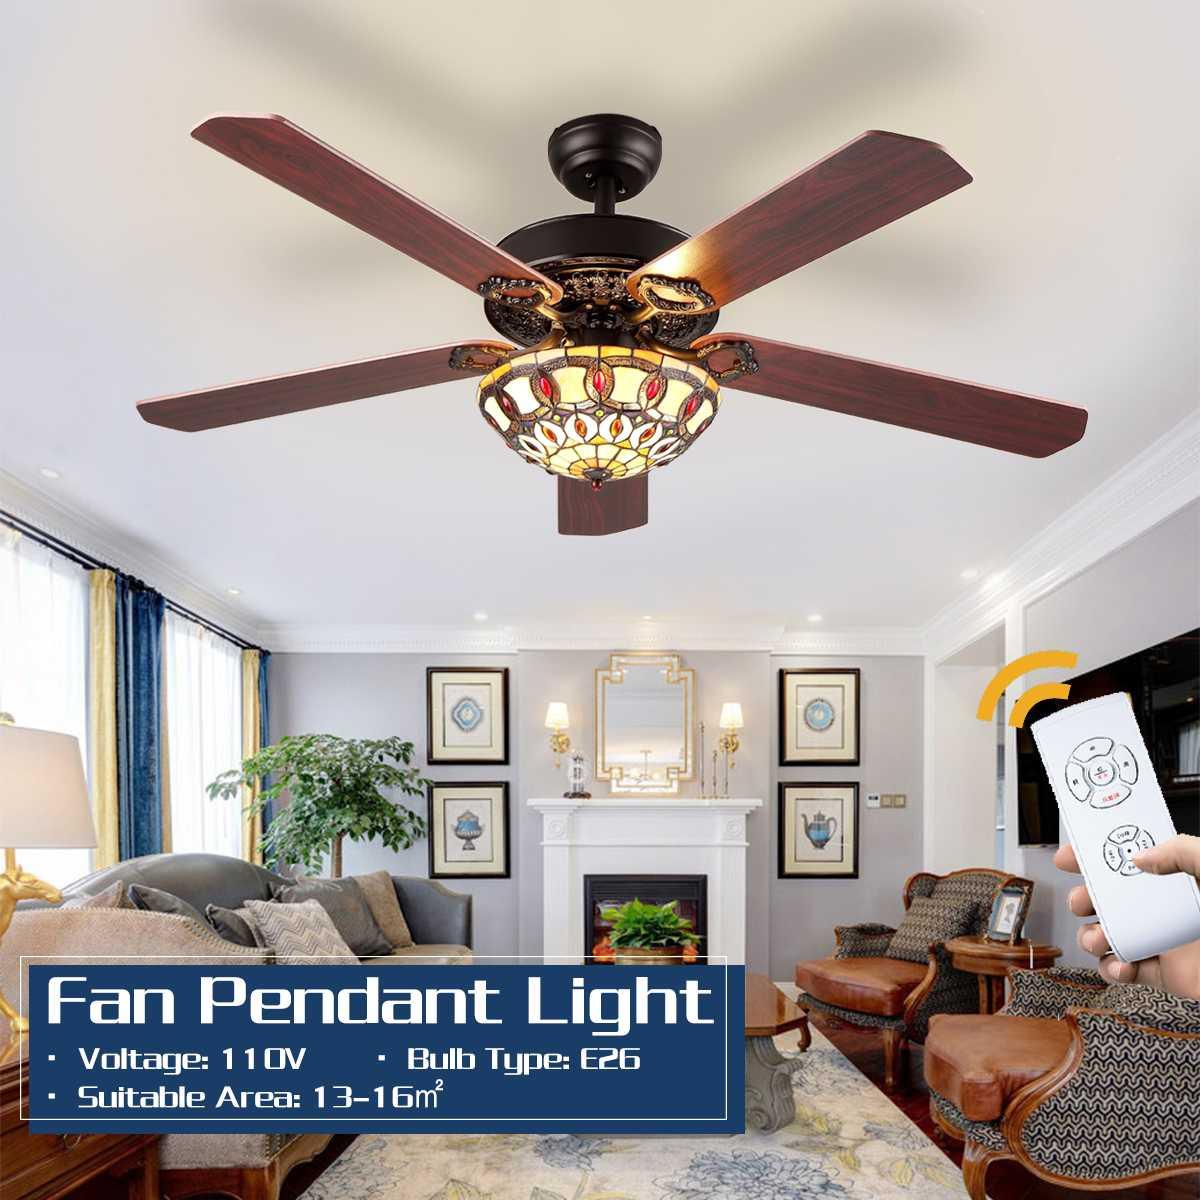 Ventilador de teto de madeira com luzes, ventilador de teto de madeira com controle remoto, 52 familiar, 110v